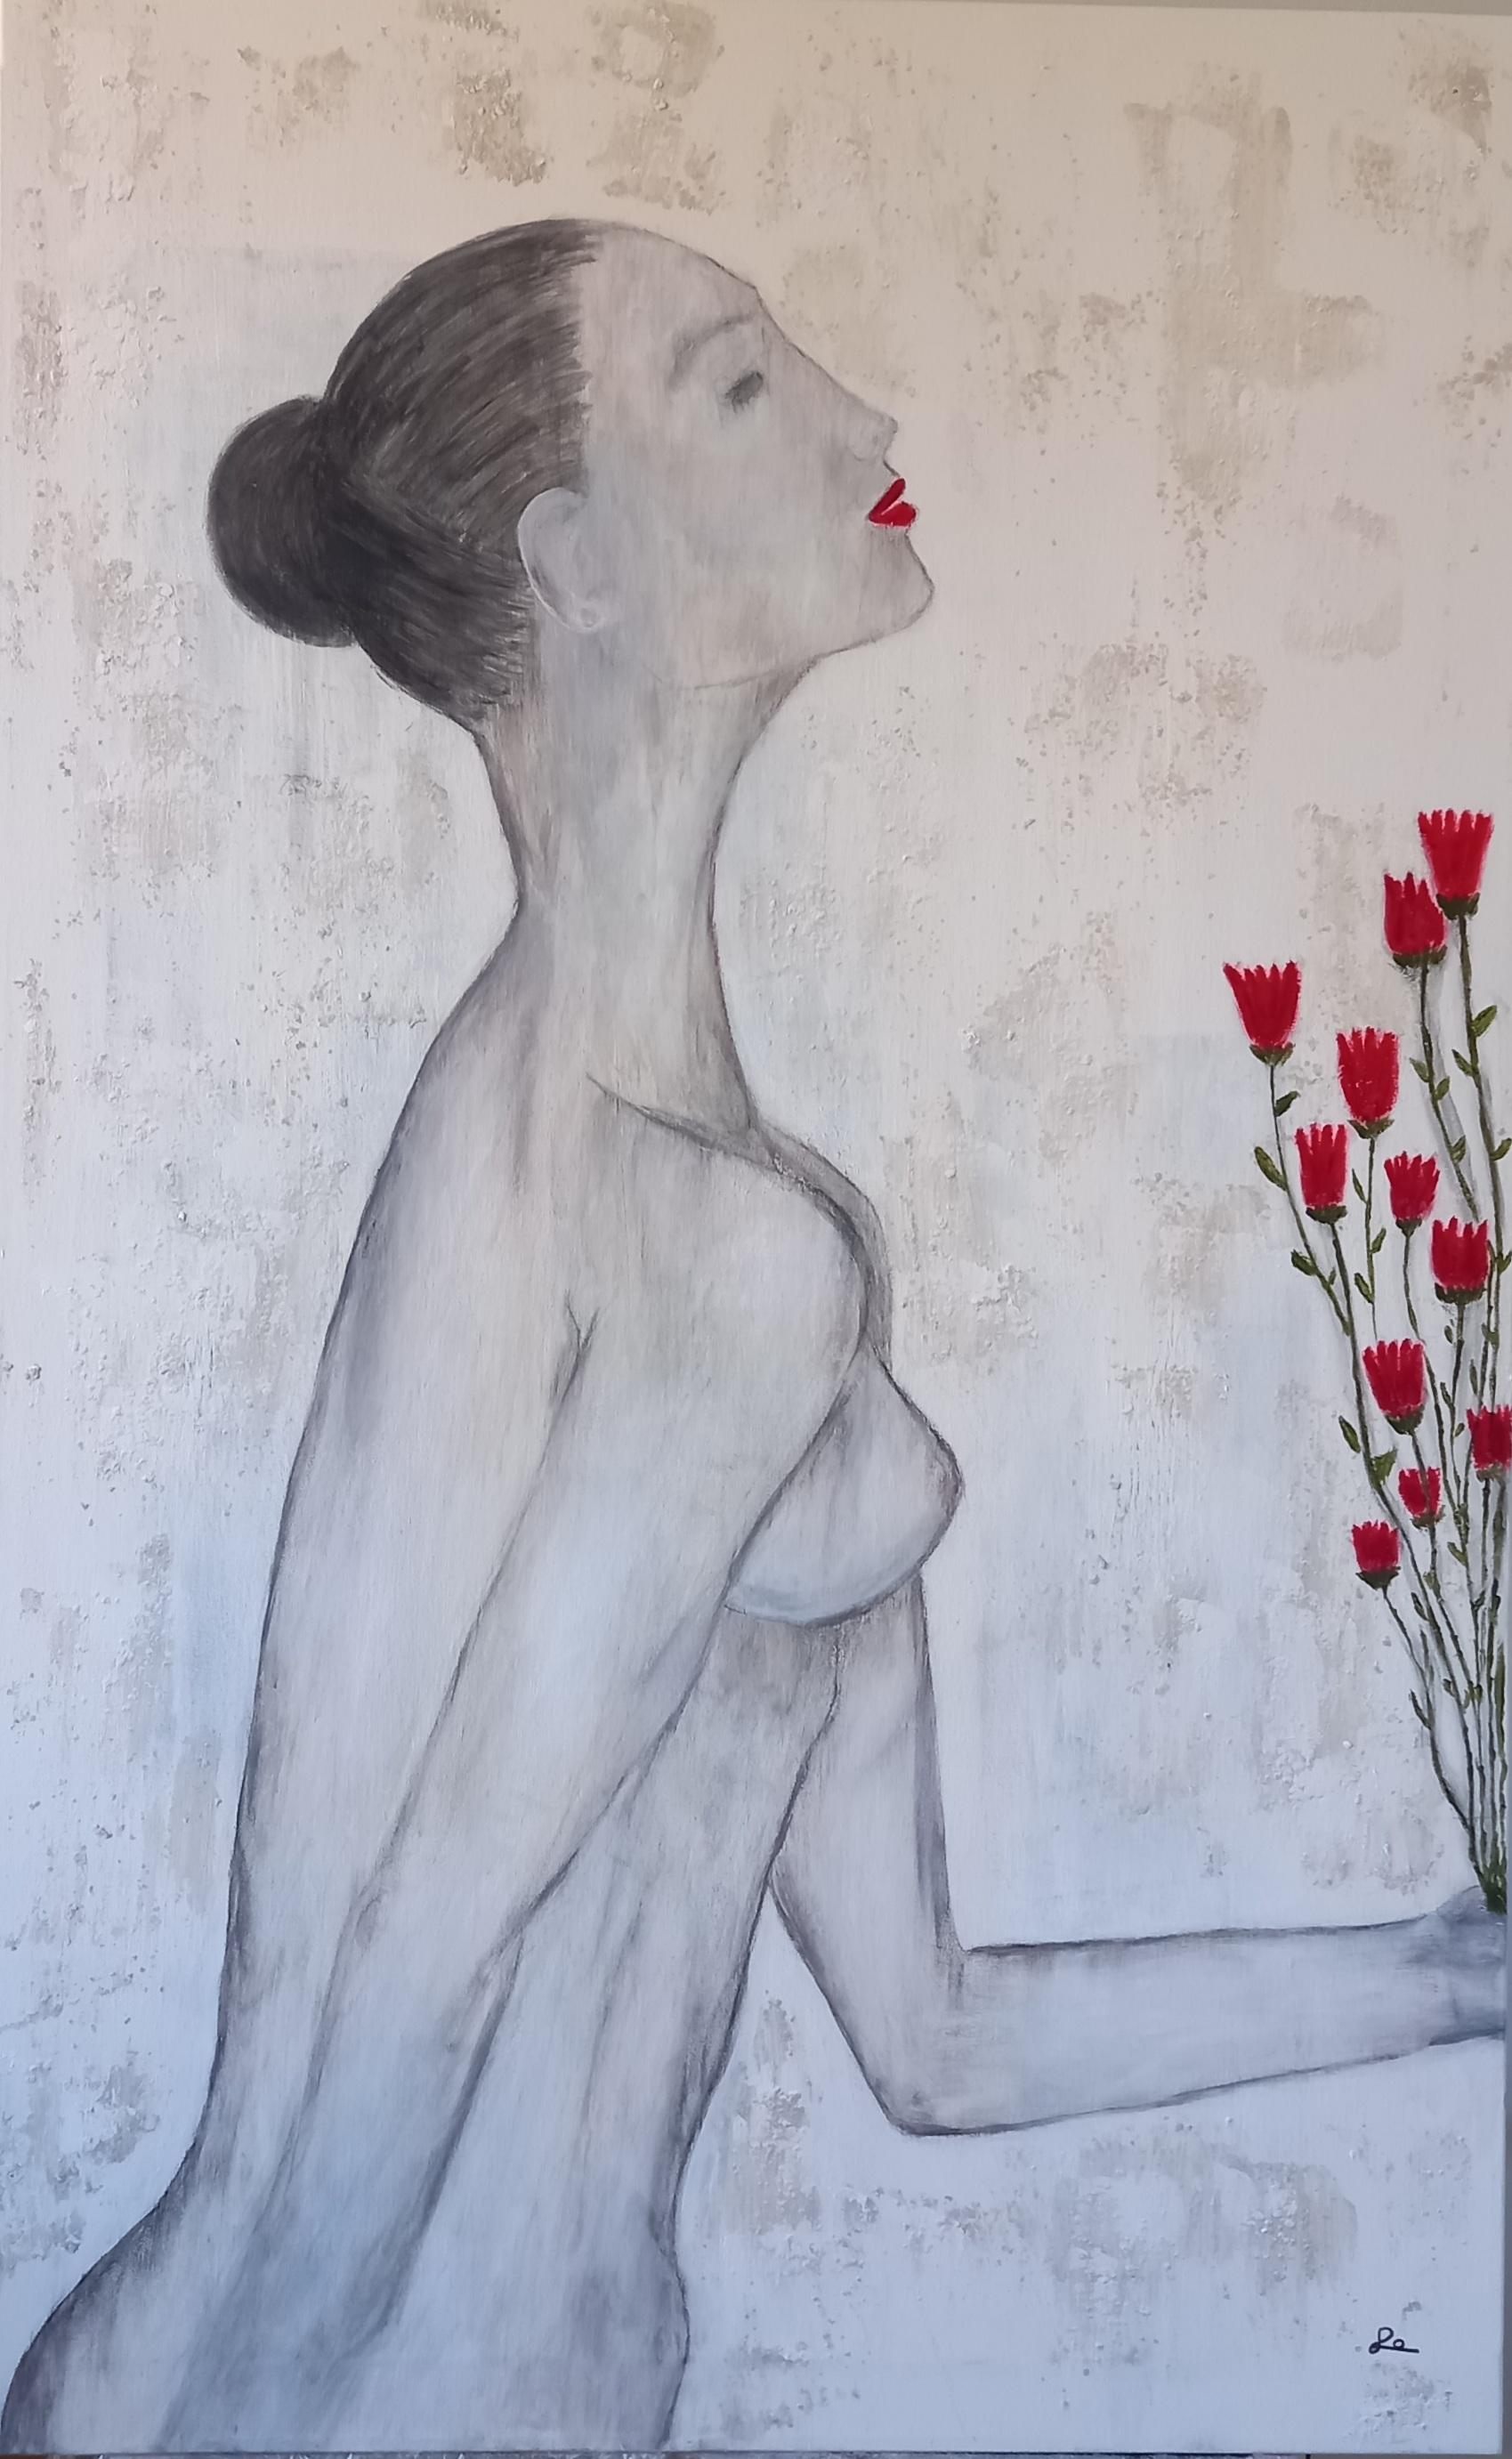 Inspira (2021) - Lola Castillejos Montes